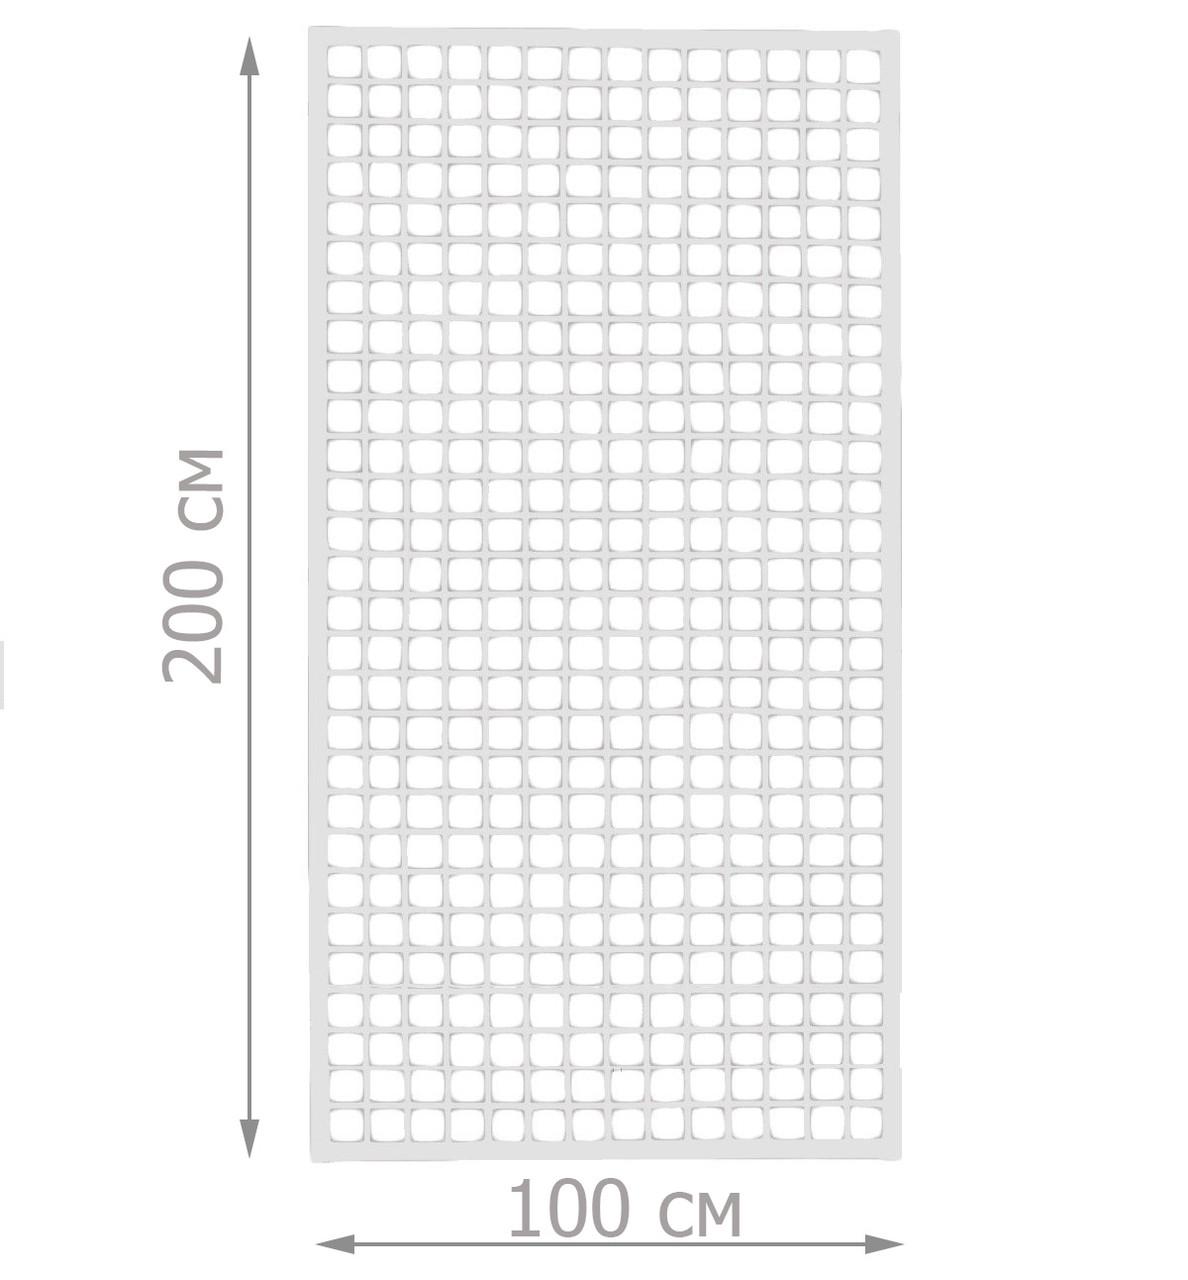 Торговая сетка стенд в рамке 100/200см проф 20х20 мм (от производителя оптом и в розницу)